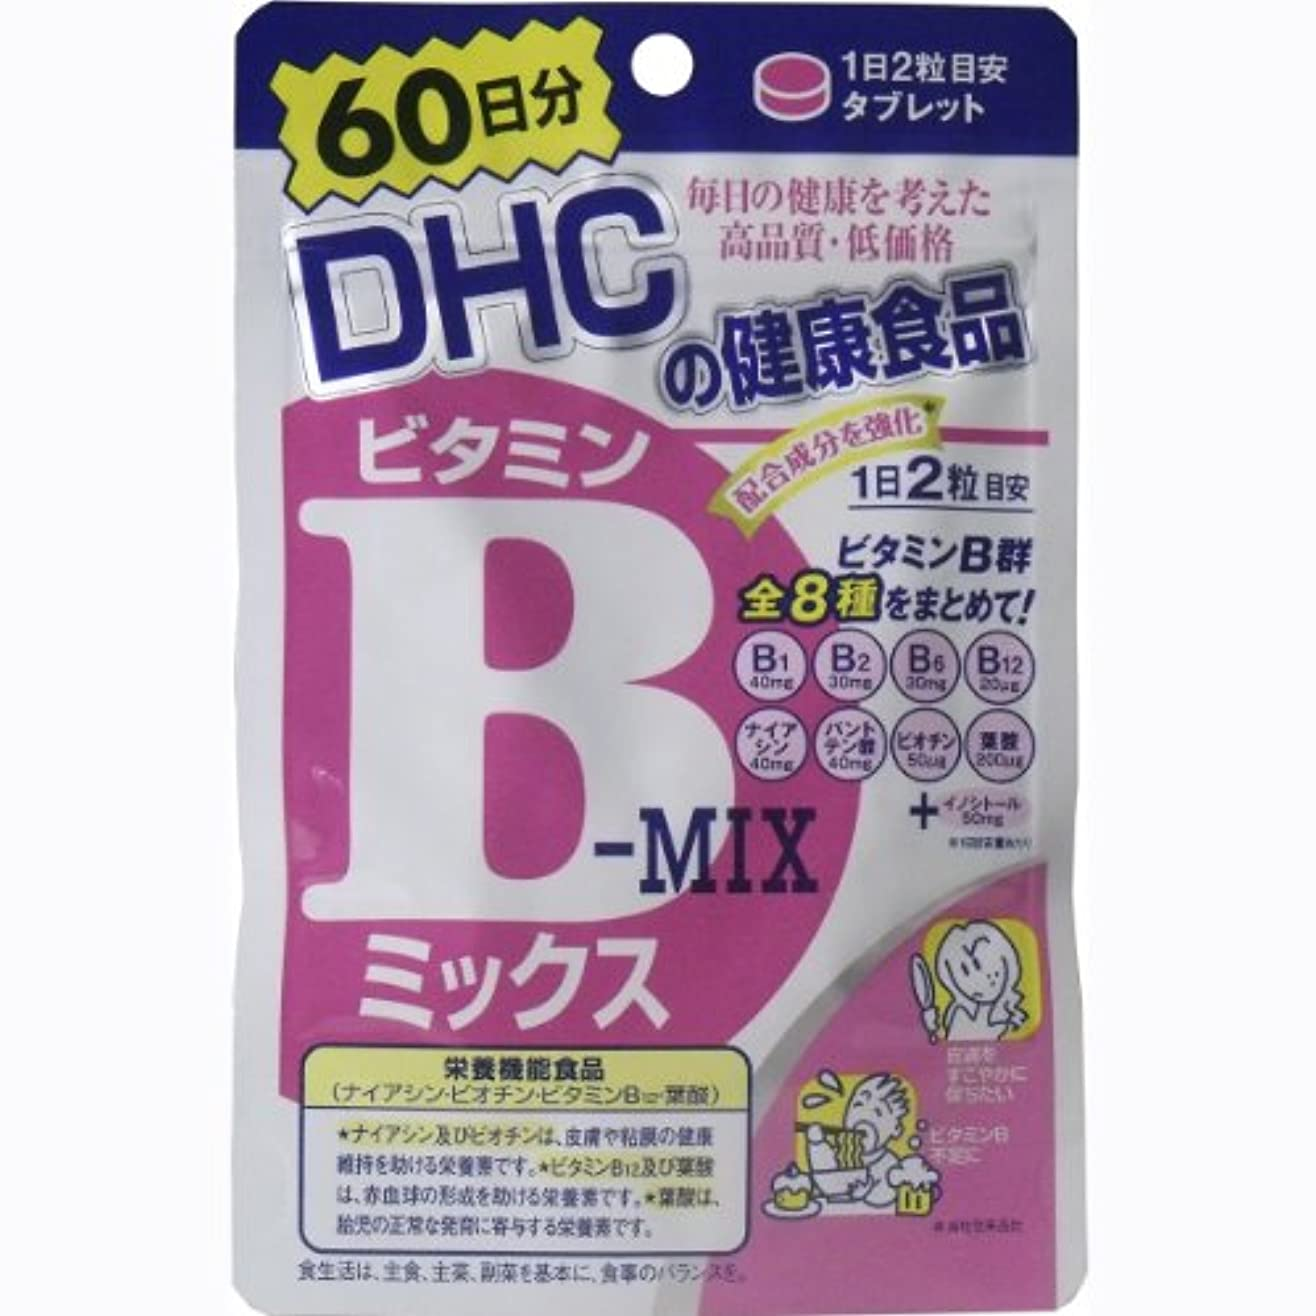 離れた聖書リファインDHC ビタミンBミックス 120粒 60日分【4個セット】